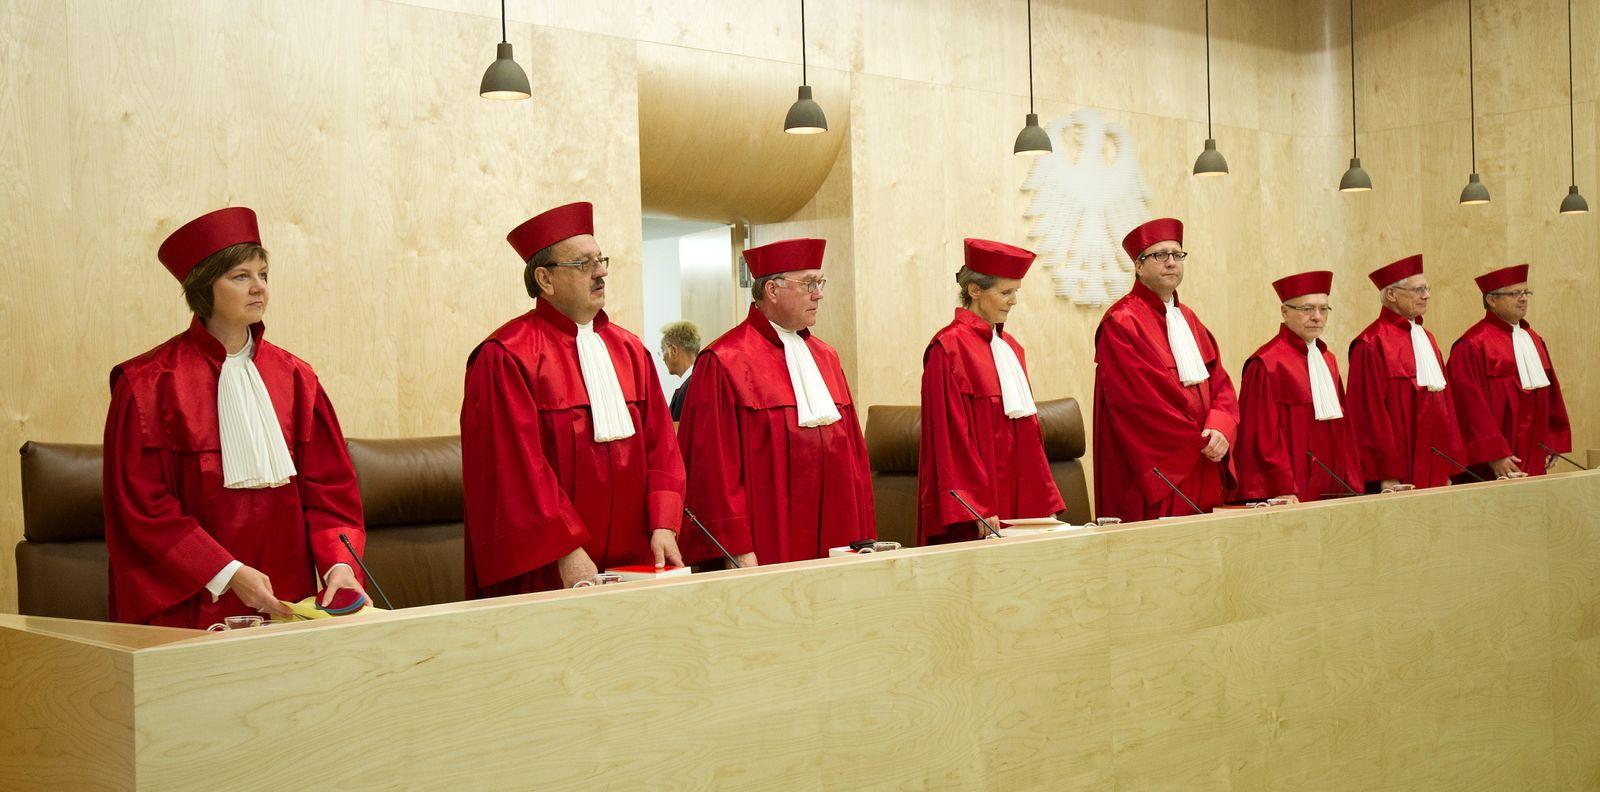 NICHT VERWENDEN Bundesverfassungsgericht richter